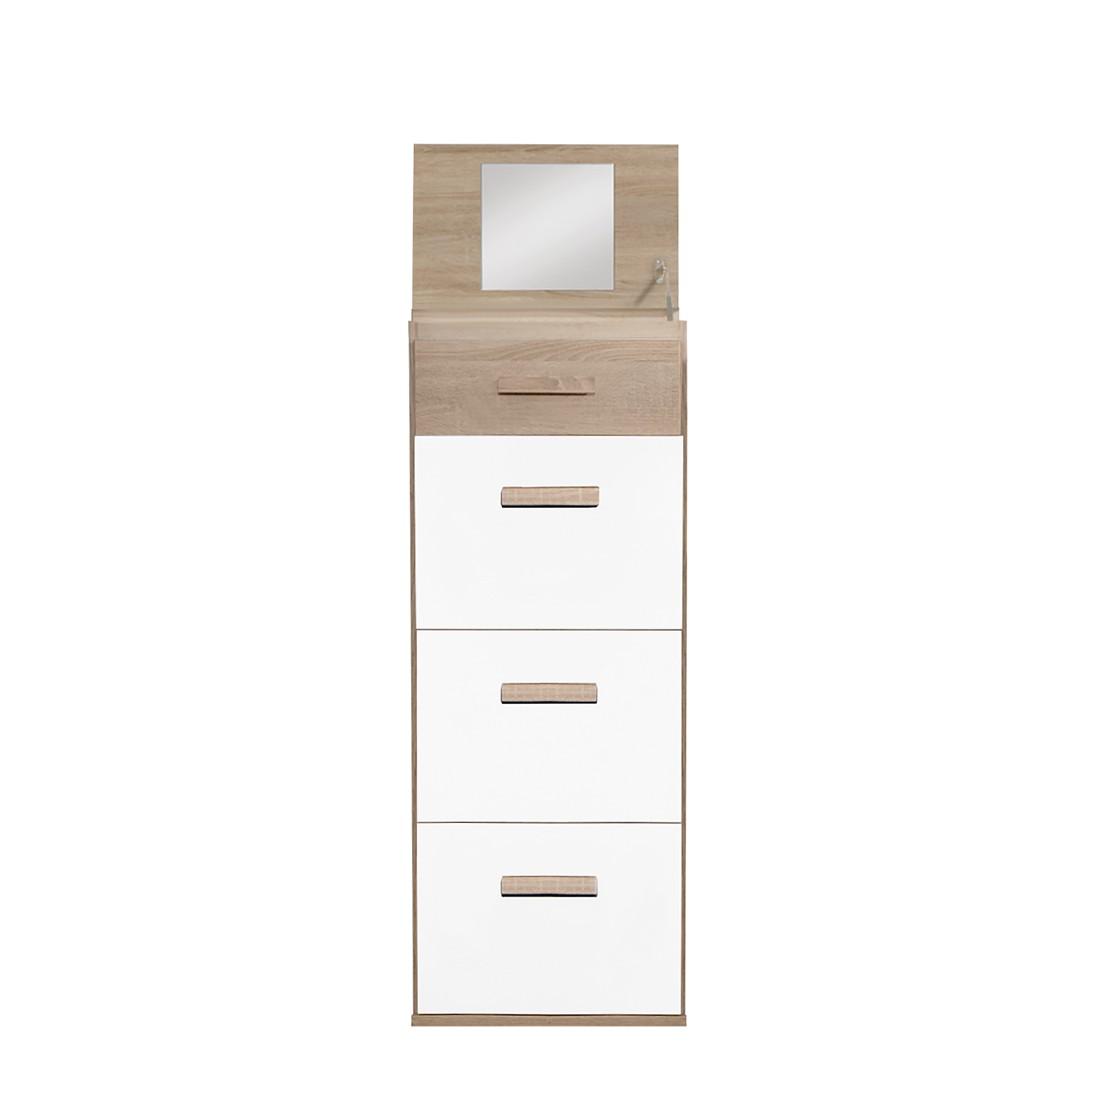 kommode 40 cm breit preisvergleiche erfahrungsberichte. Black Bedroom Furniture Sets. Home Design Ideas